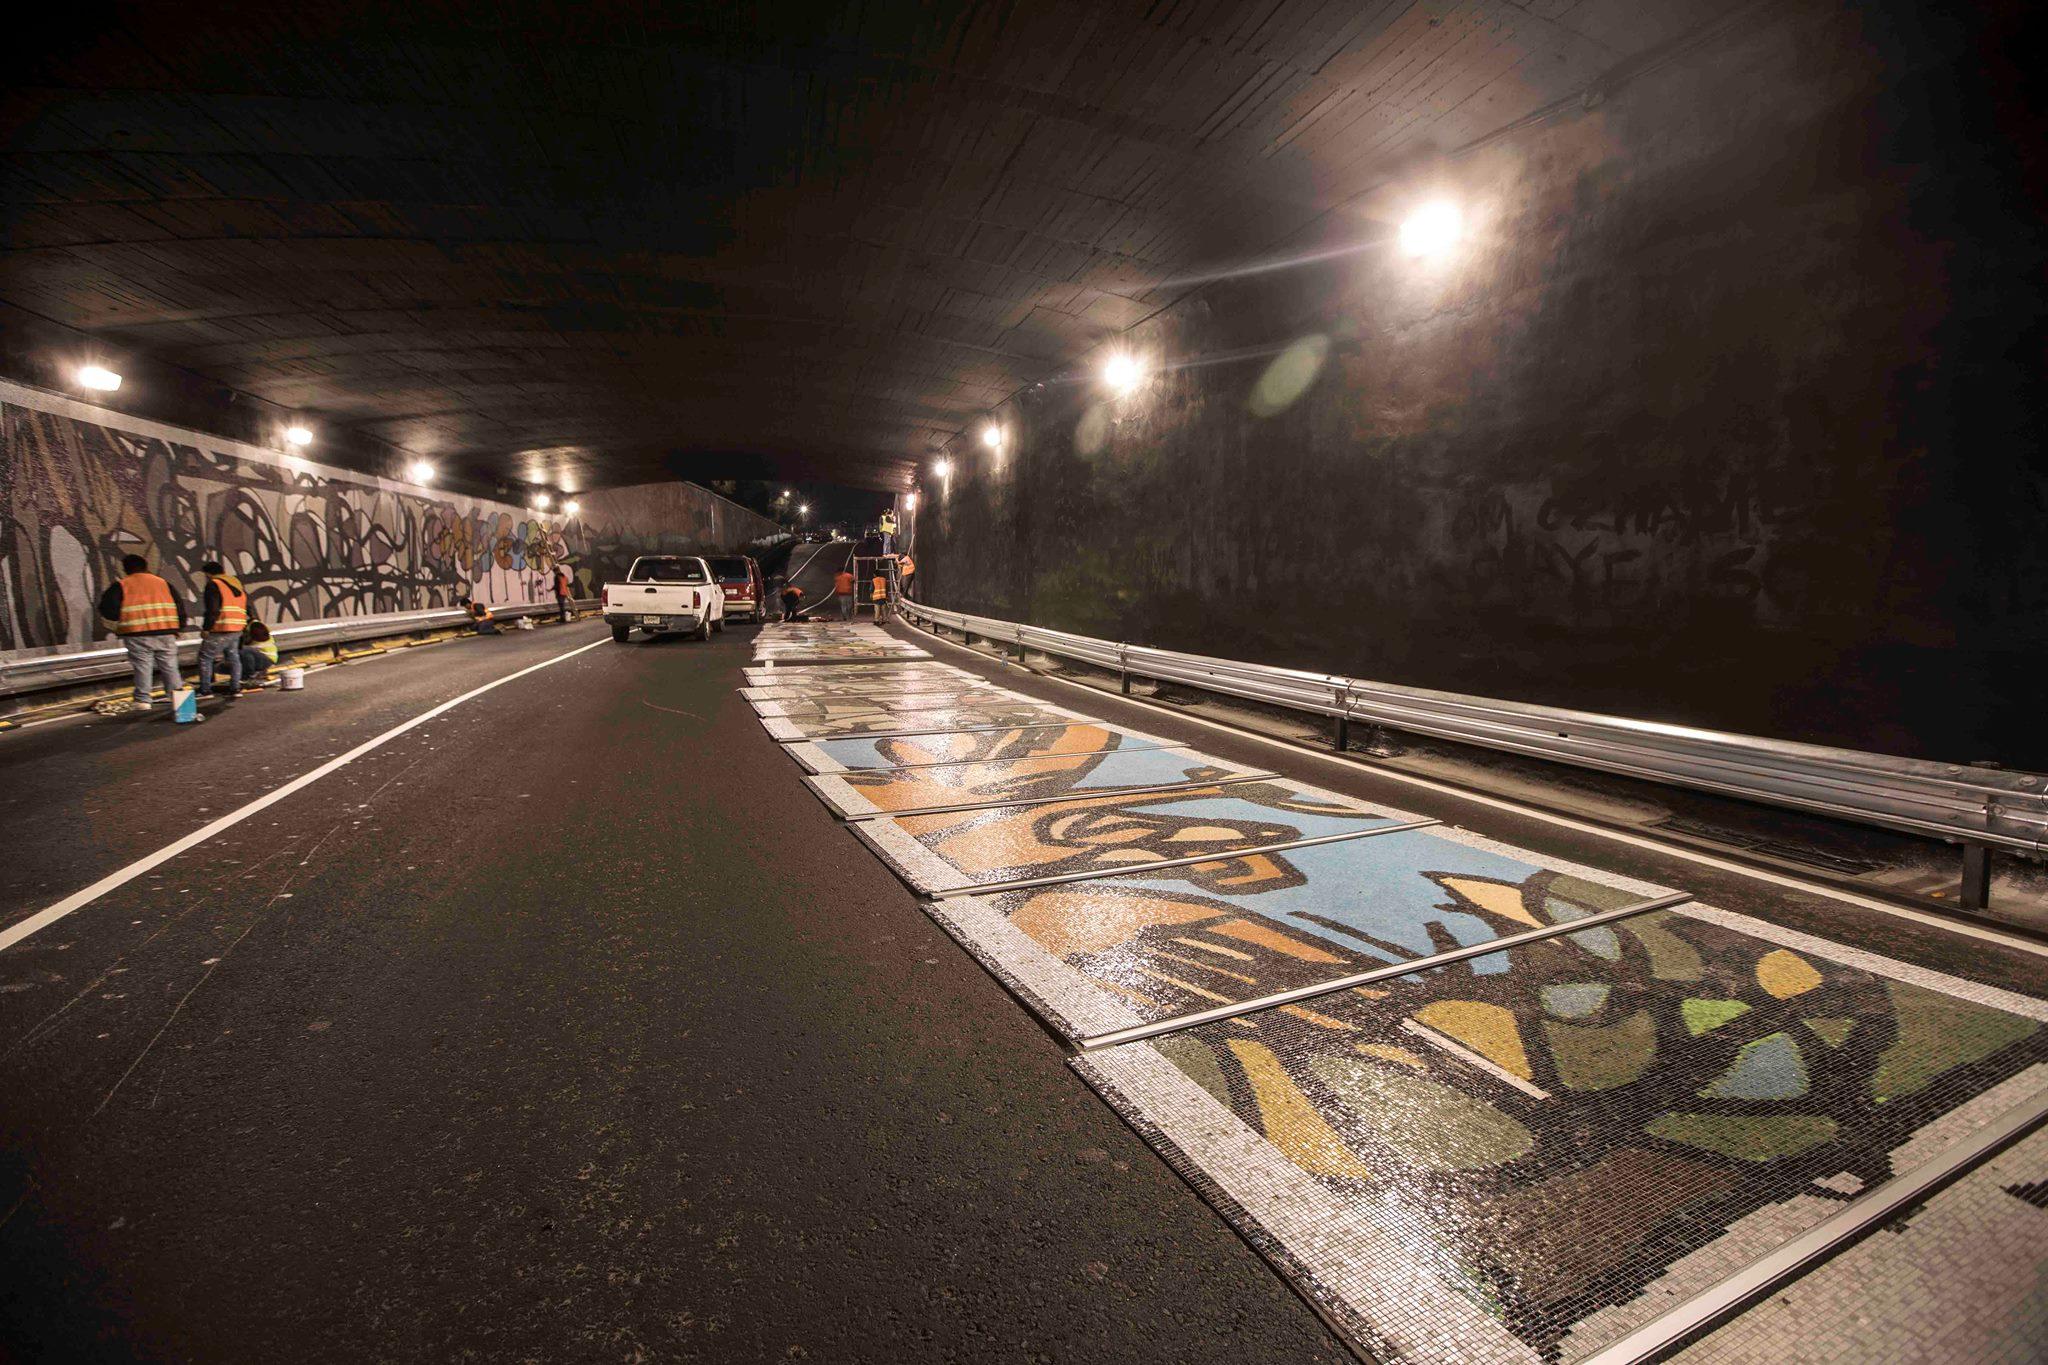 mural-puente-20-noviembre-cdmx-mvm-studios